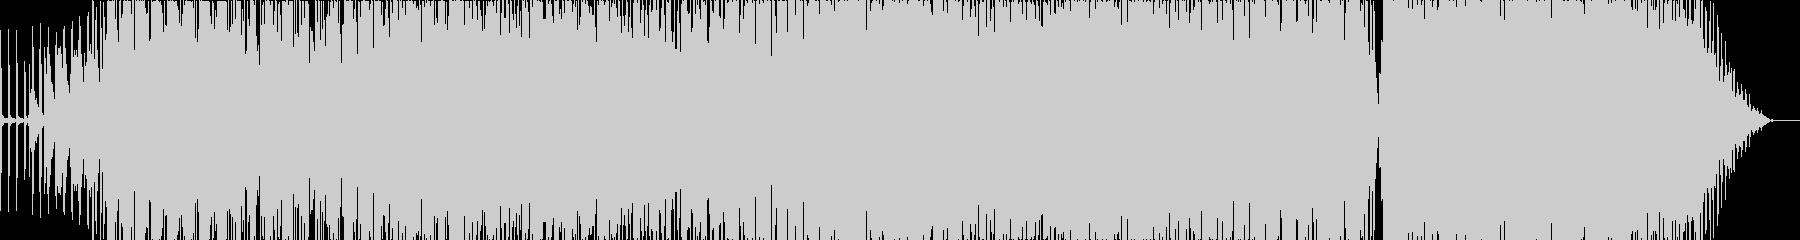 FEELの未再生の波形